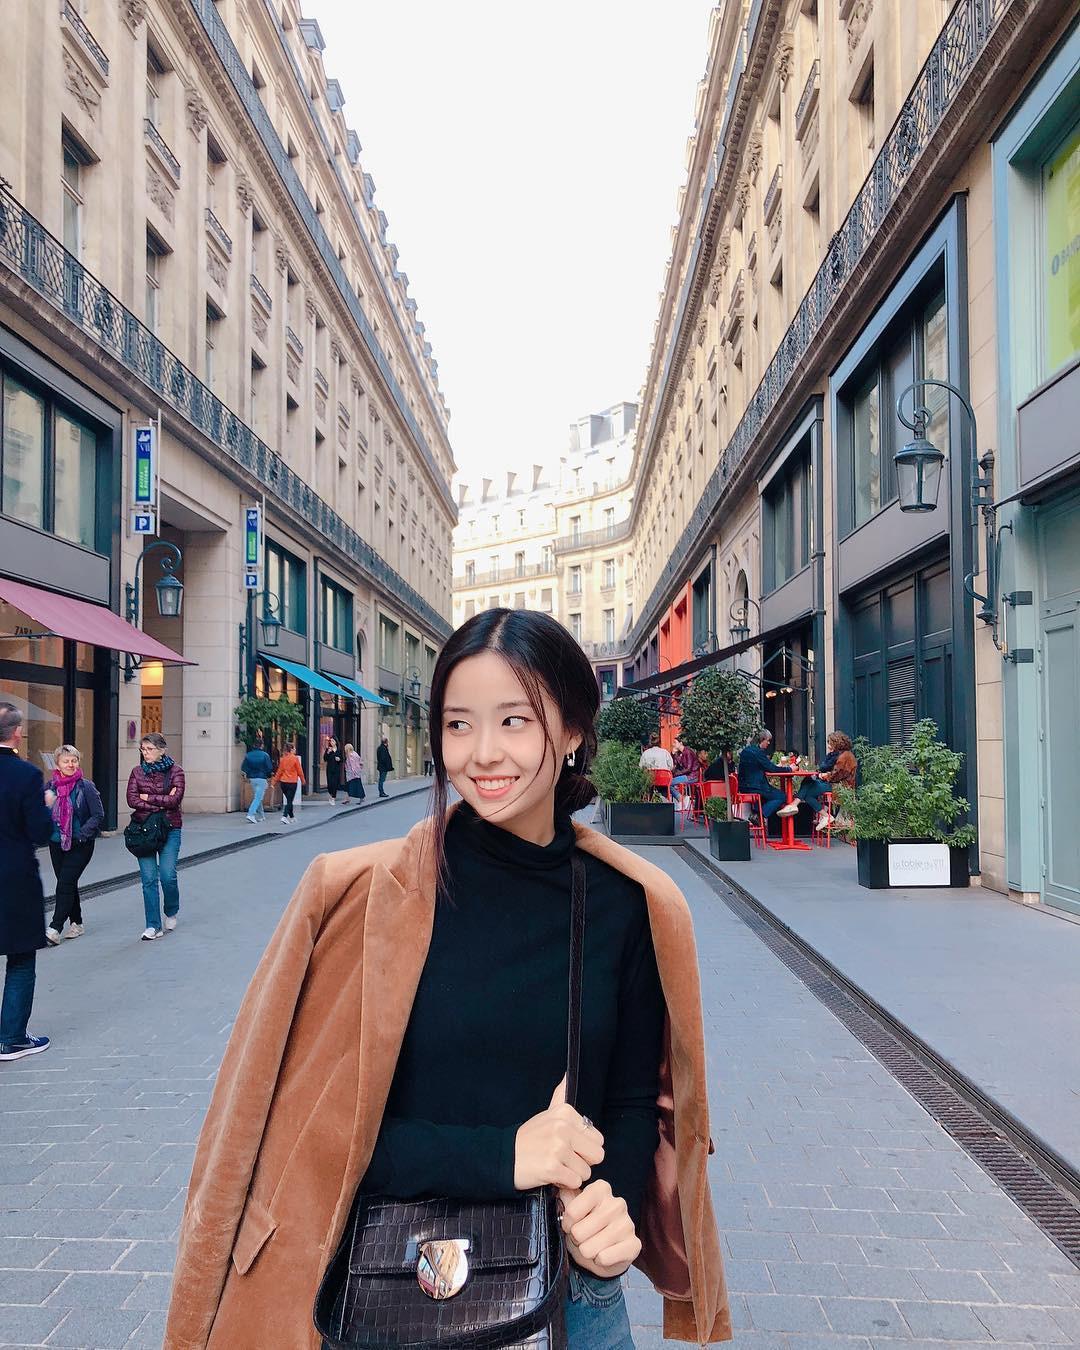 Tân Hoa hậu Hàn Quốc 2019: makeup càng nhạt lại càng xinh, nổi bật nhất là khi lên đồ đơn giản - Ảnh 8.